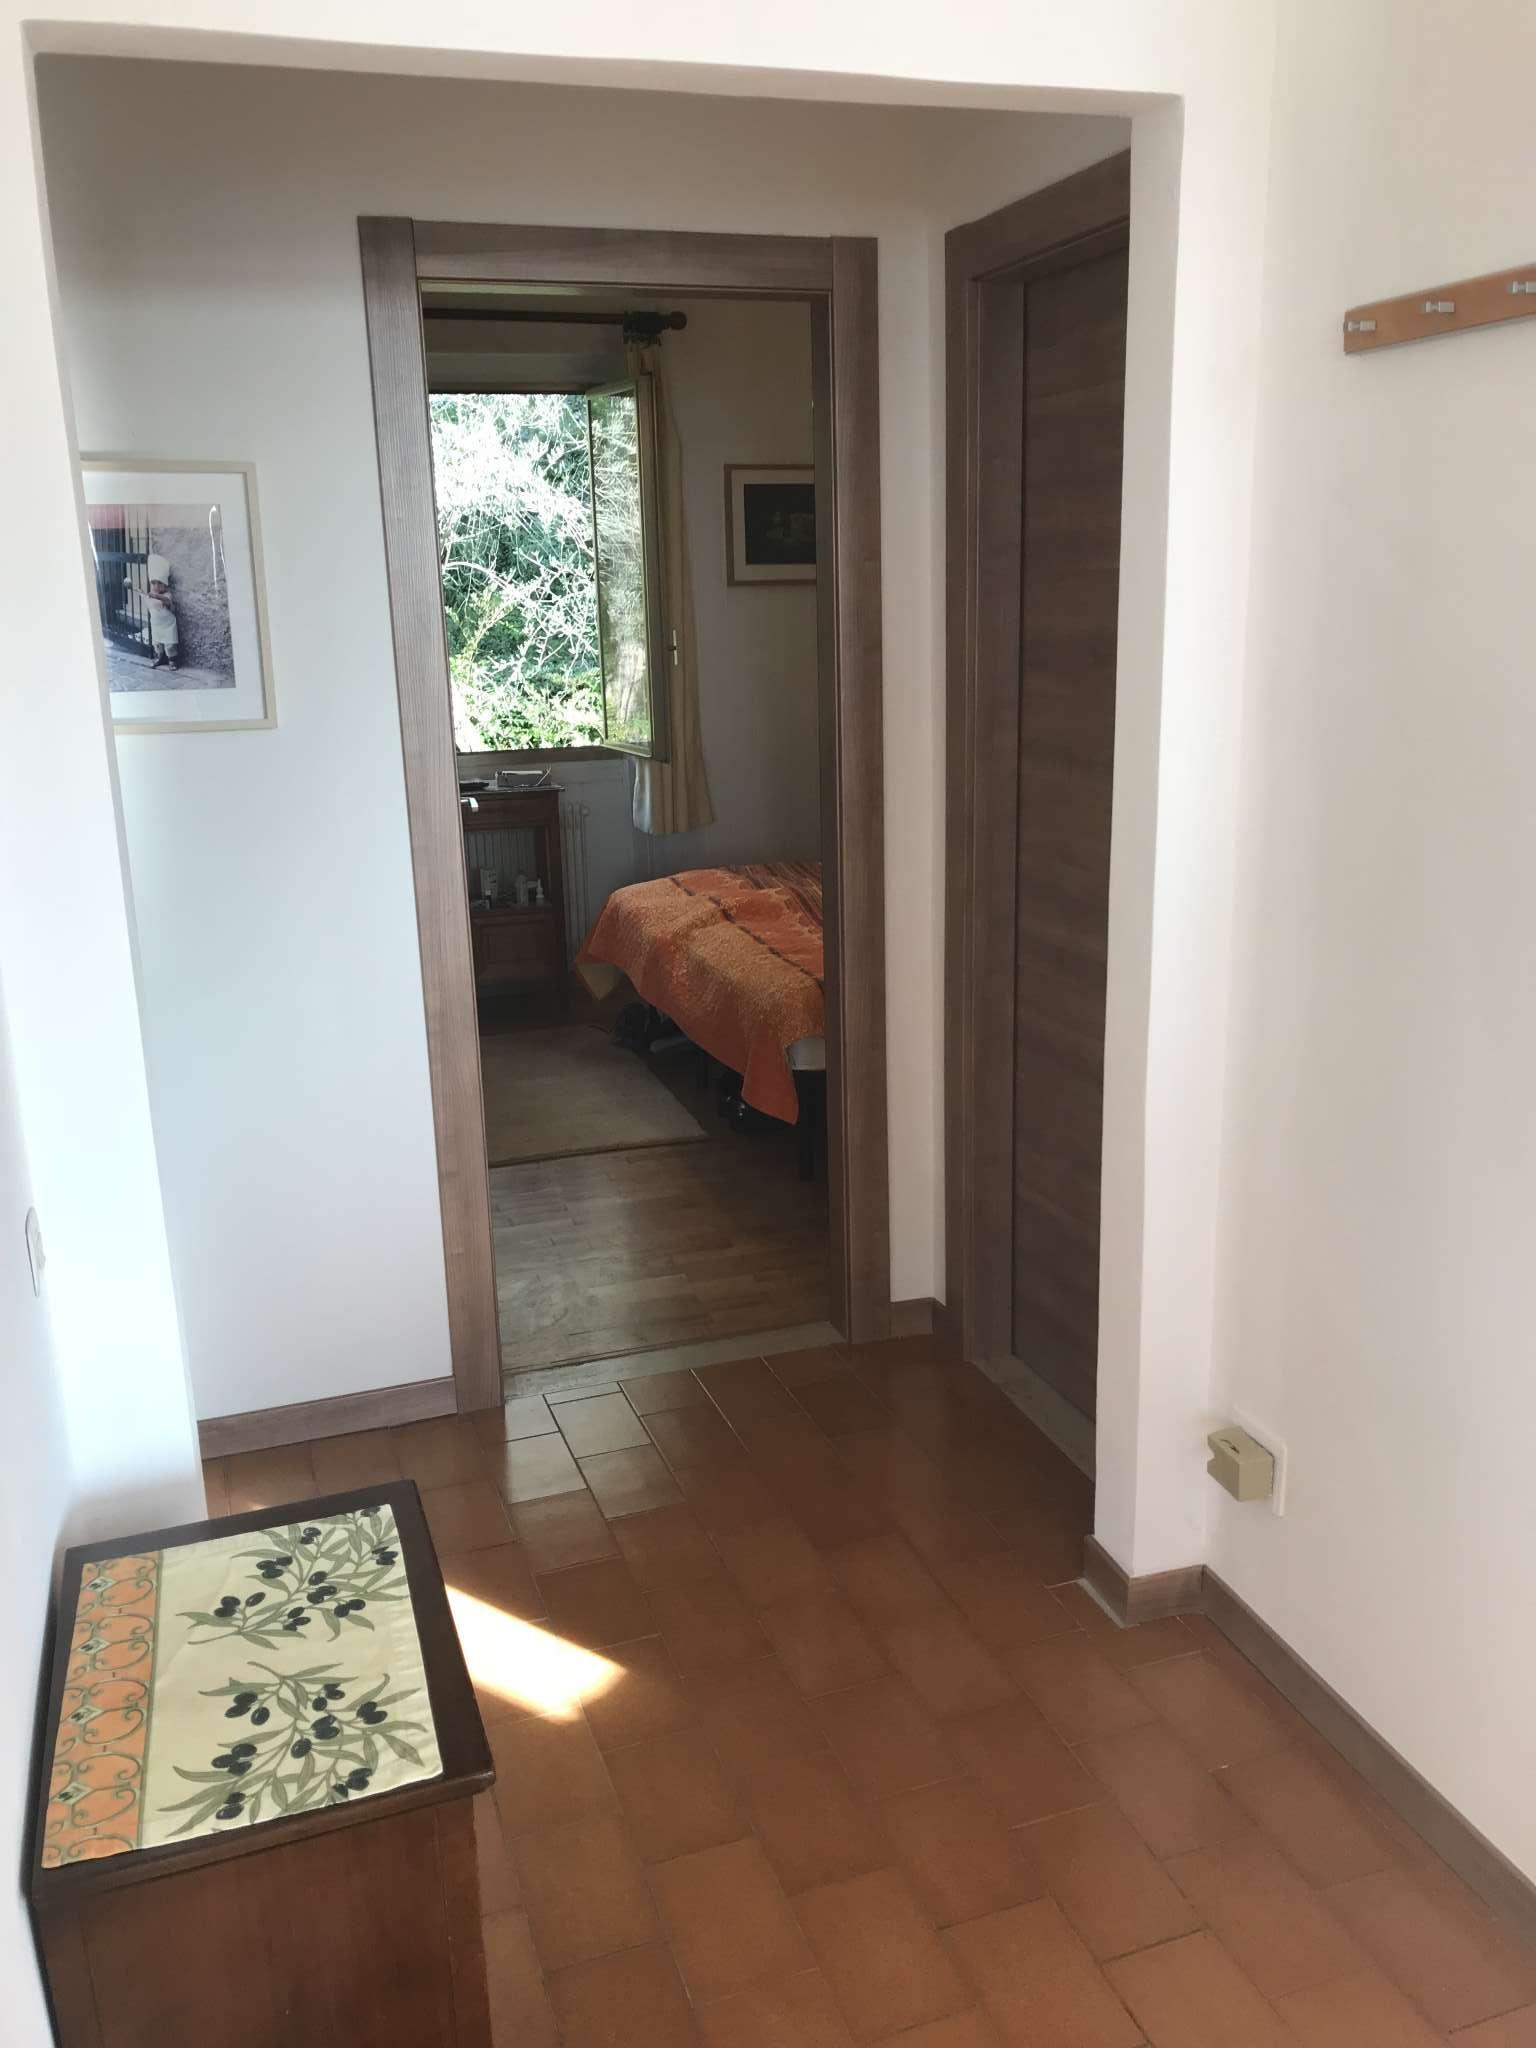 Gr��eres Schlafzimmer mit Einbauschrank